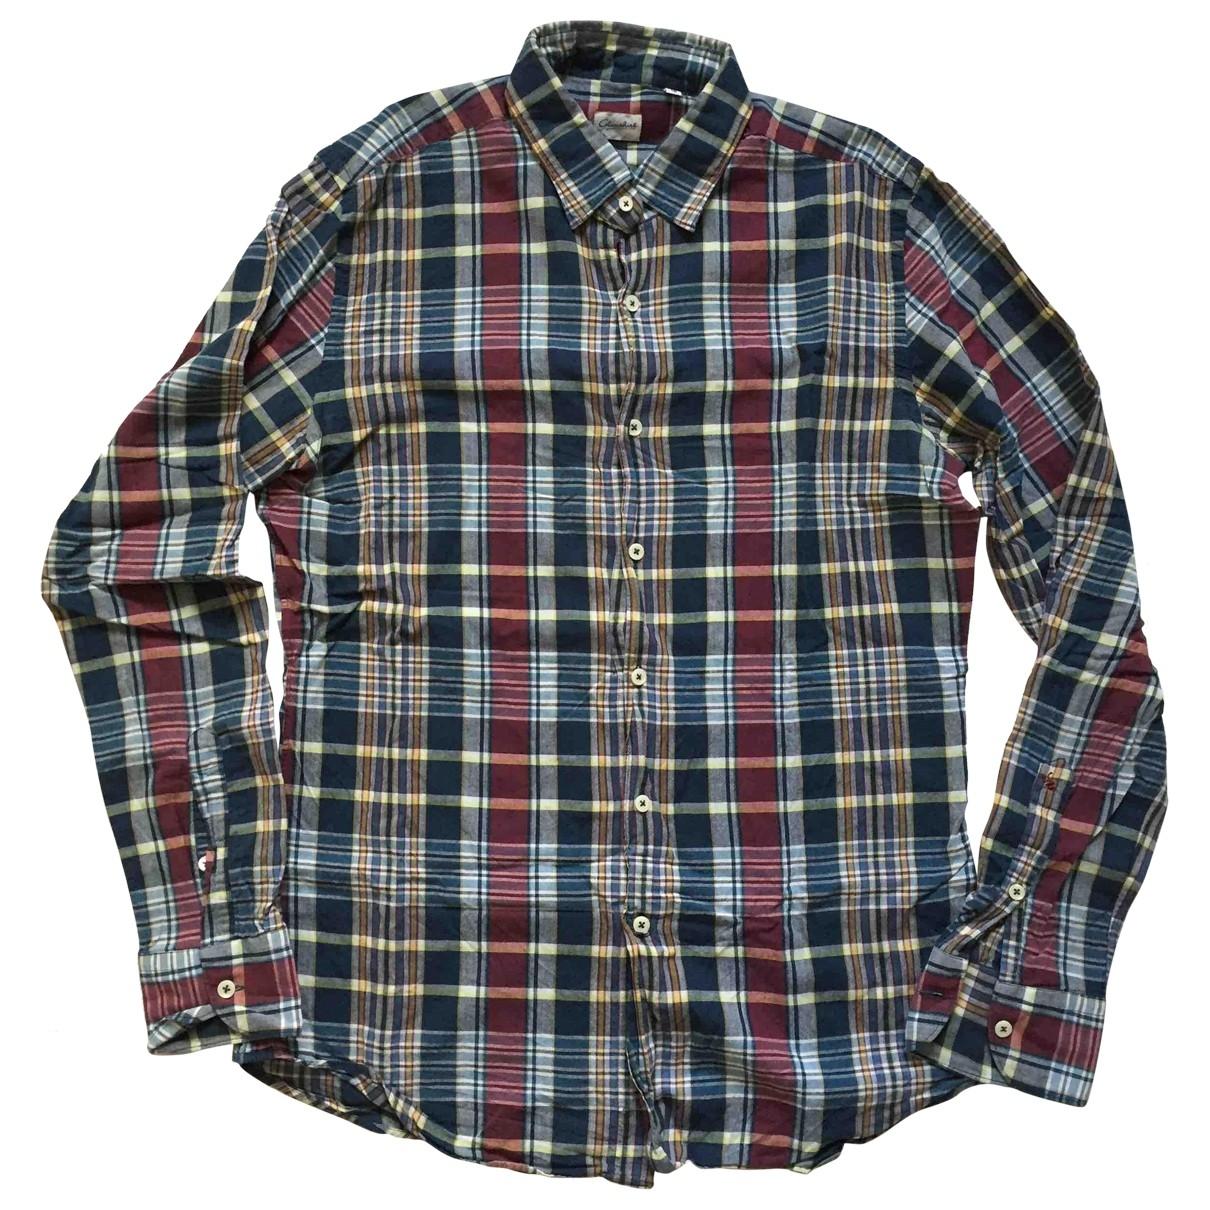 Slowear \N Hemden in Baumwolle